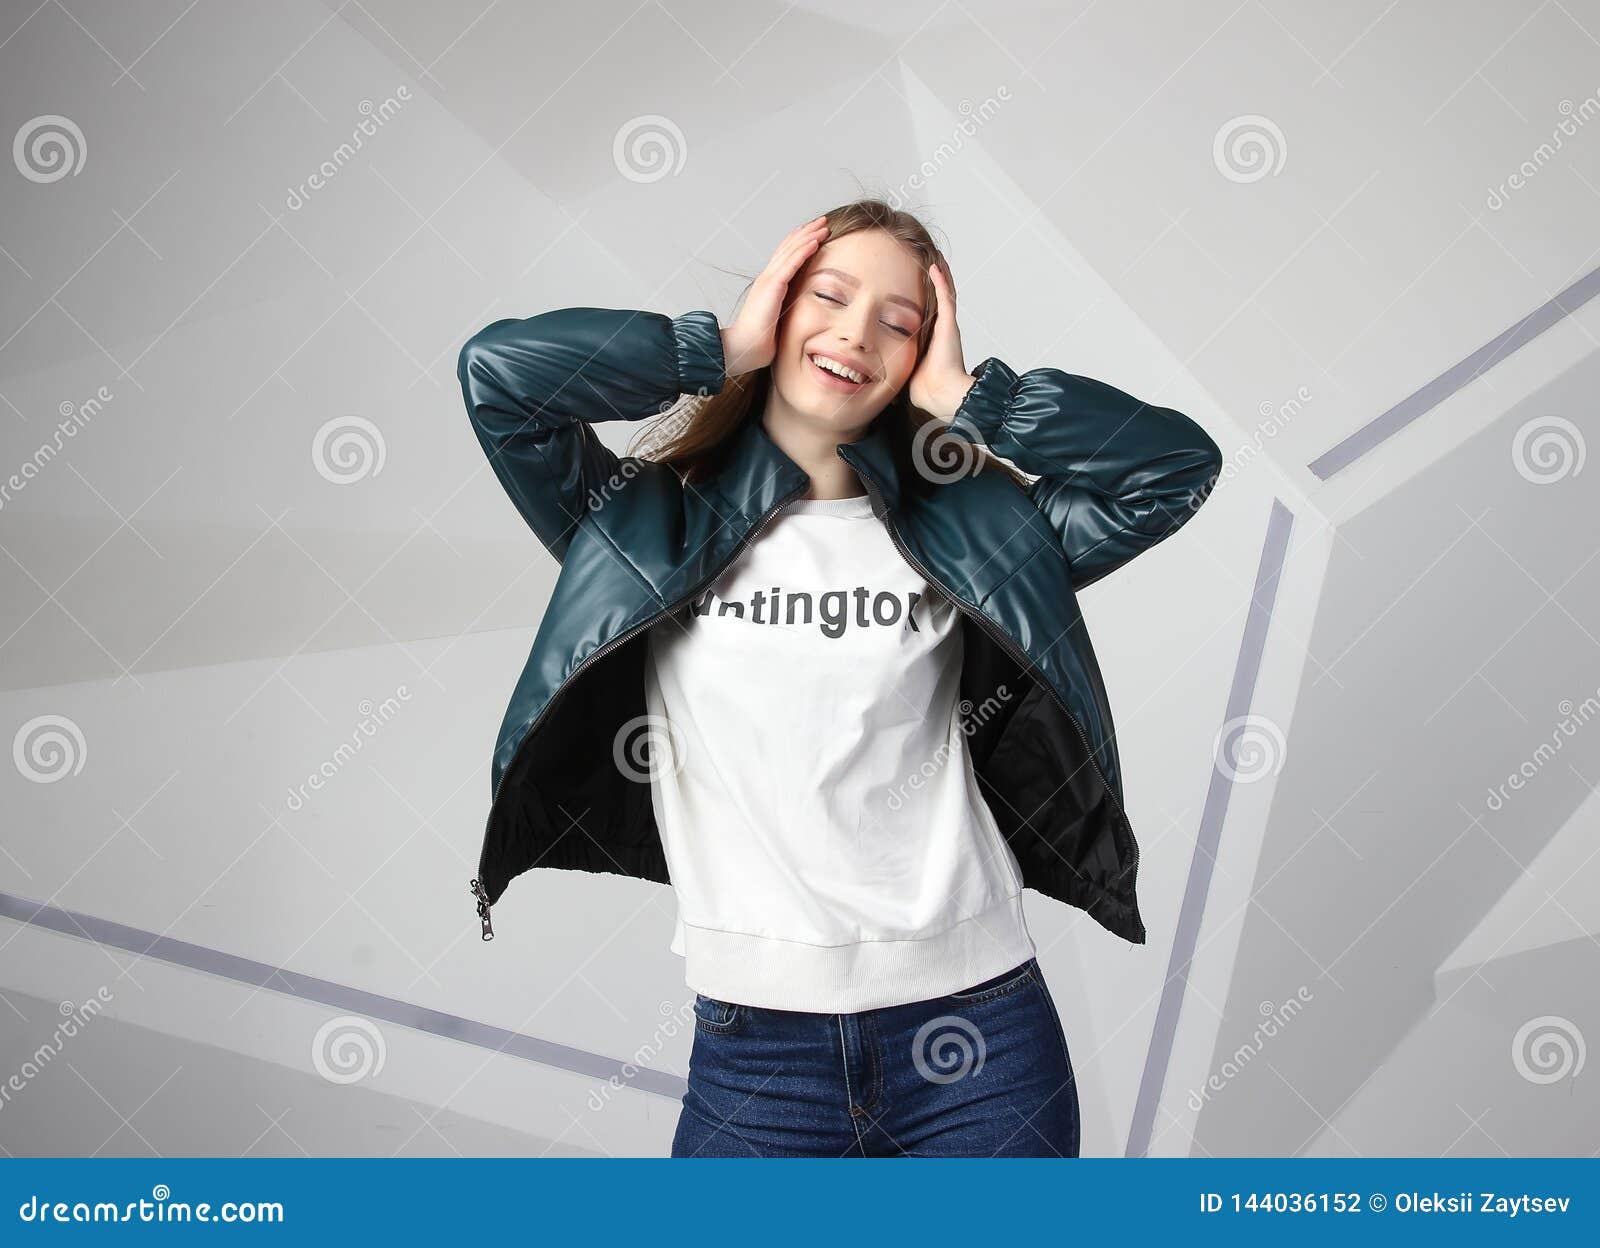 Veste de port de fille de jeune fille avec le secteur pour votre logo, maquette de hoodie de femmes blanches